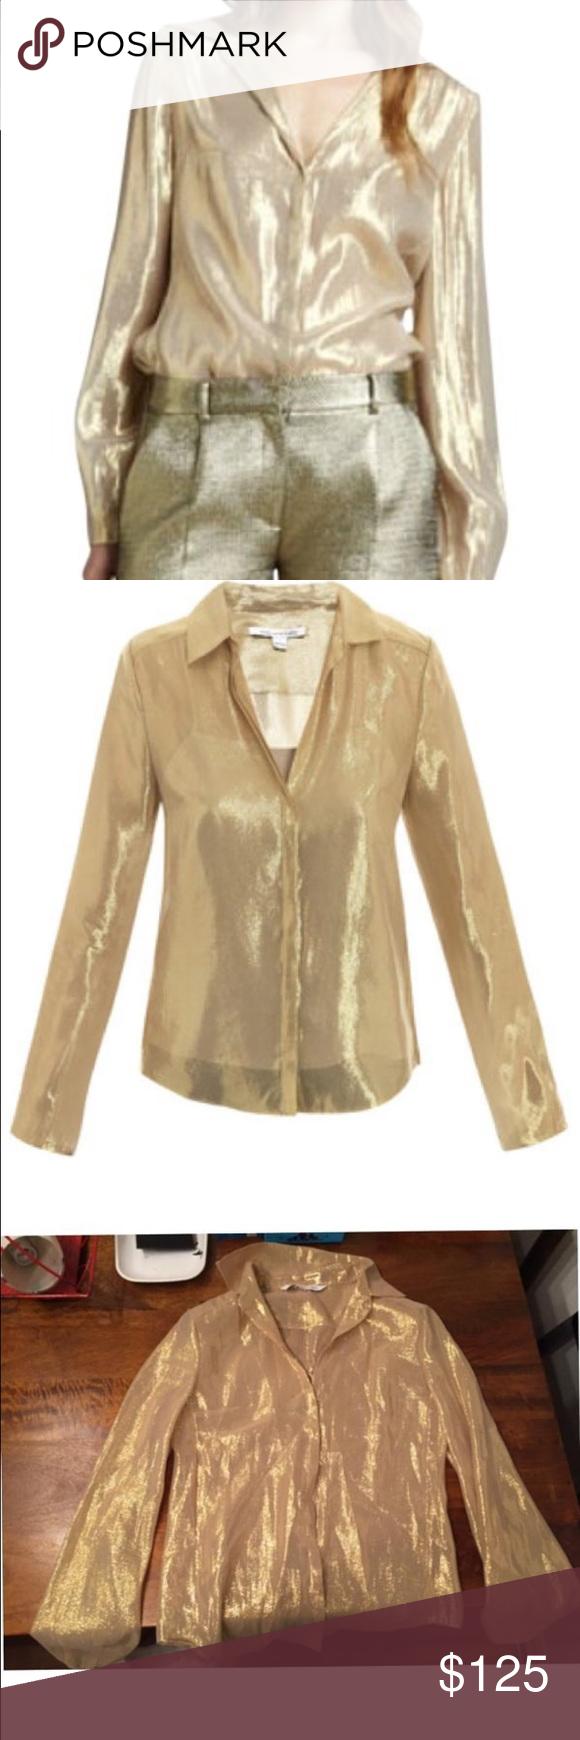 Diane Von Furstenberg gold top DVF Gale metallic gold blouse Diane von Furstenberg Tops Blouses